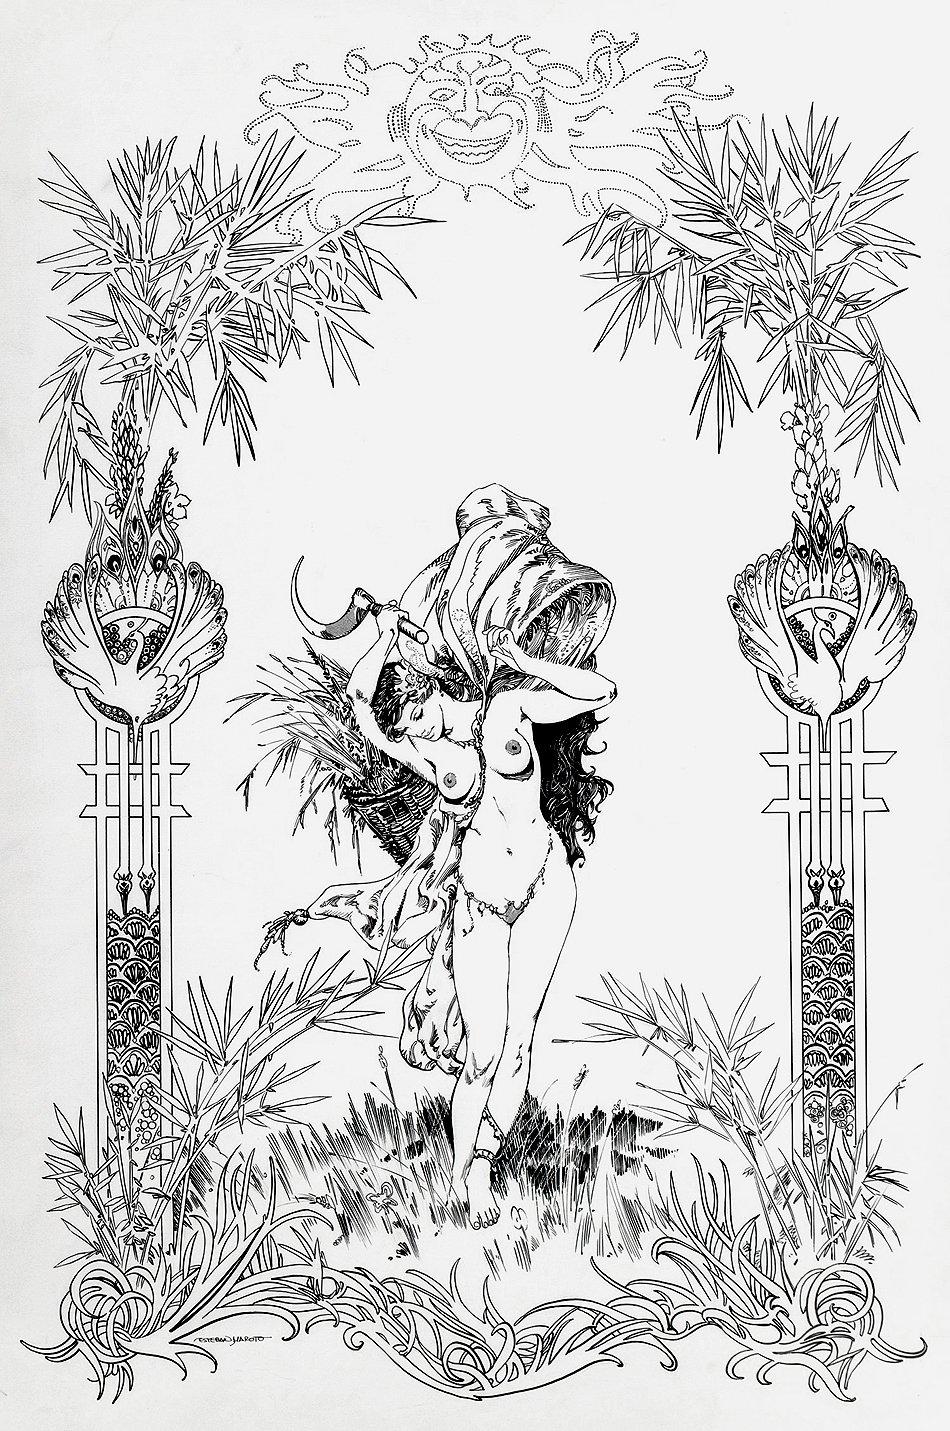 Ceres Gods of Mythology Illustration (Very Large)